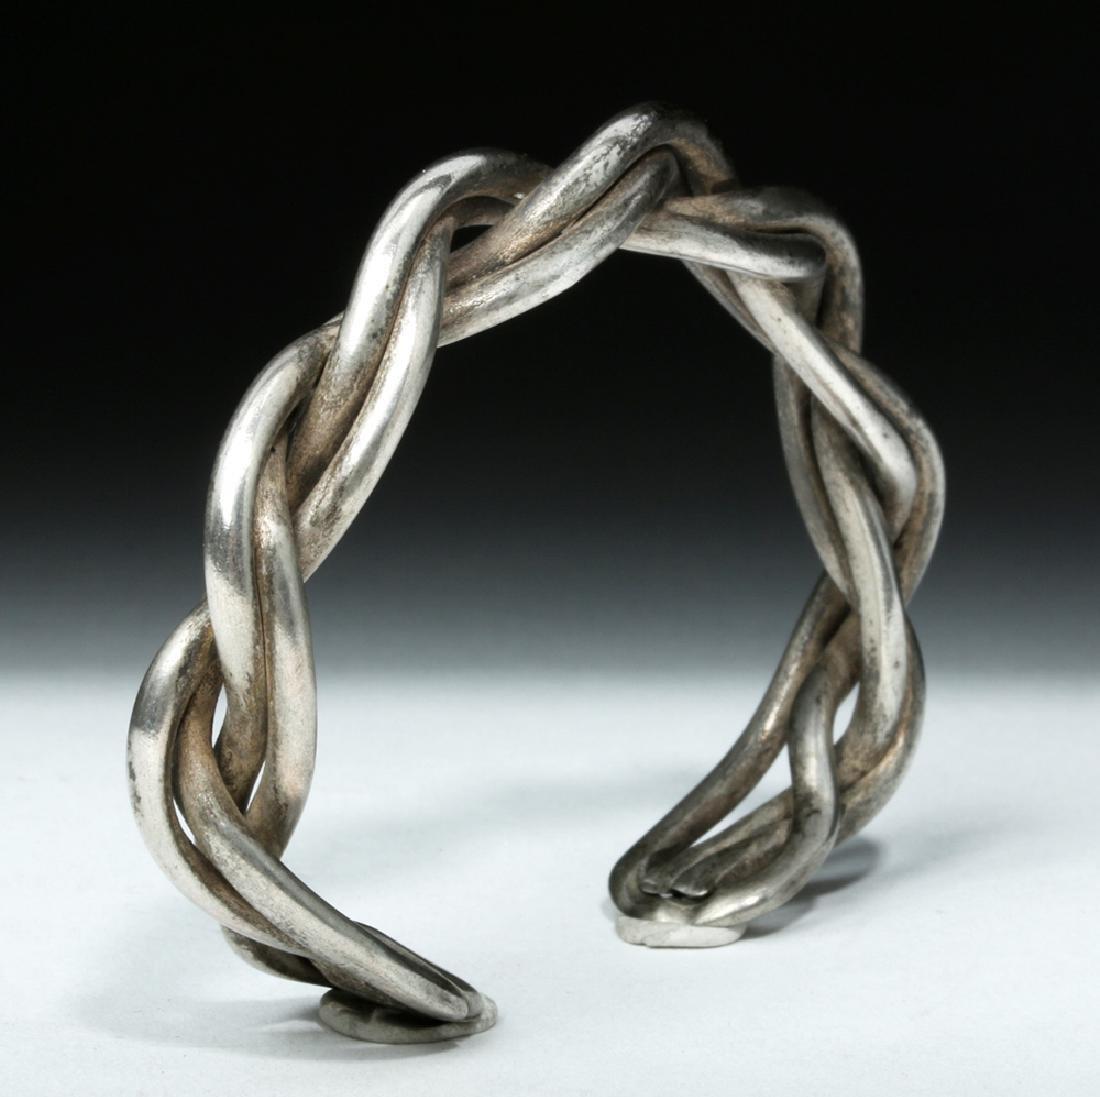 Lovely Simple Braided Viking Silver Bracelet - 34 grams - 3